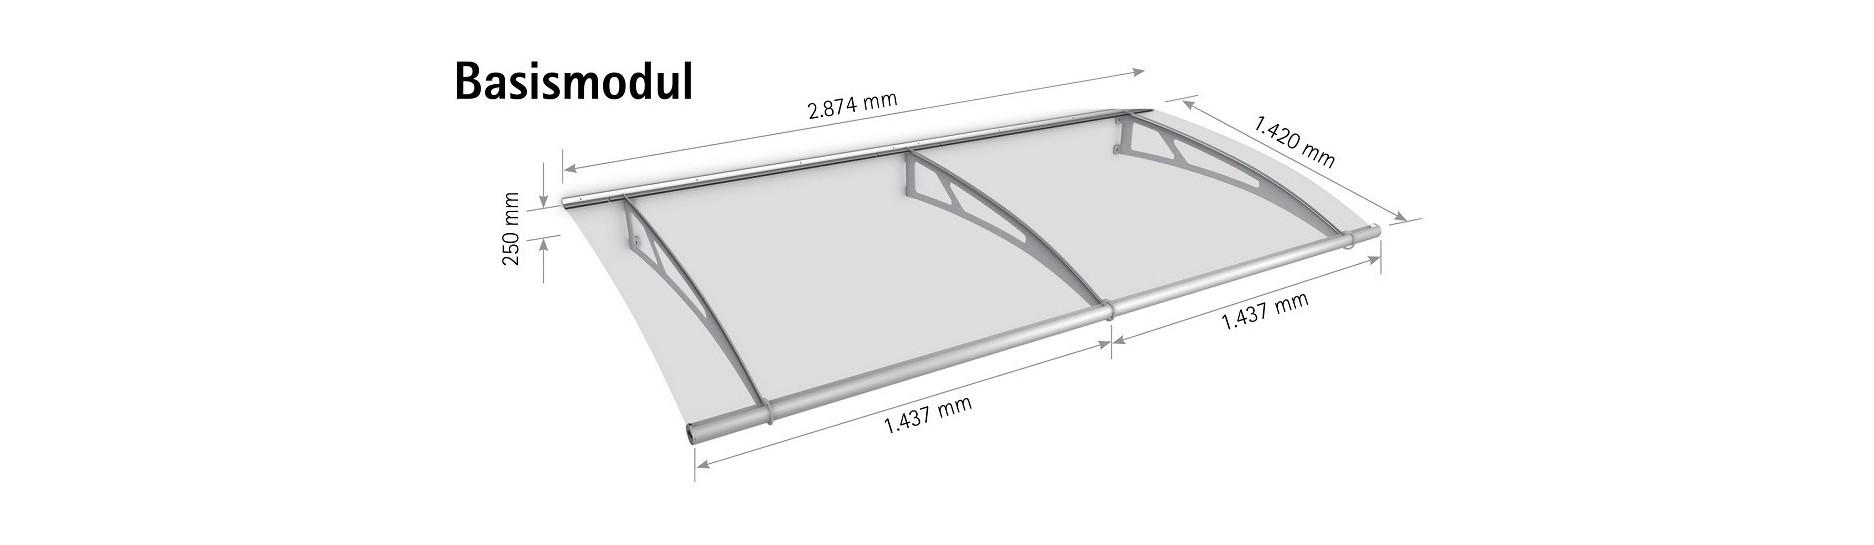 Stavebnicový systém stříška Lightline XL Polymer. Sestavte si maximální vchodovou stříšku.